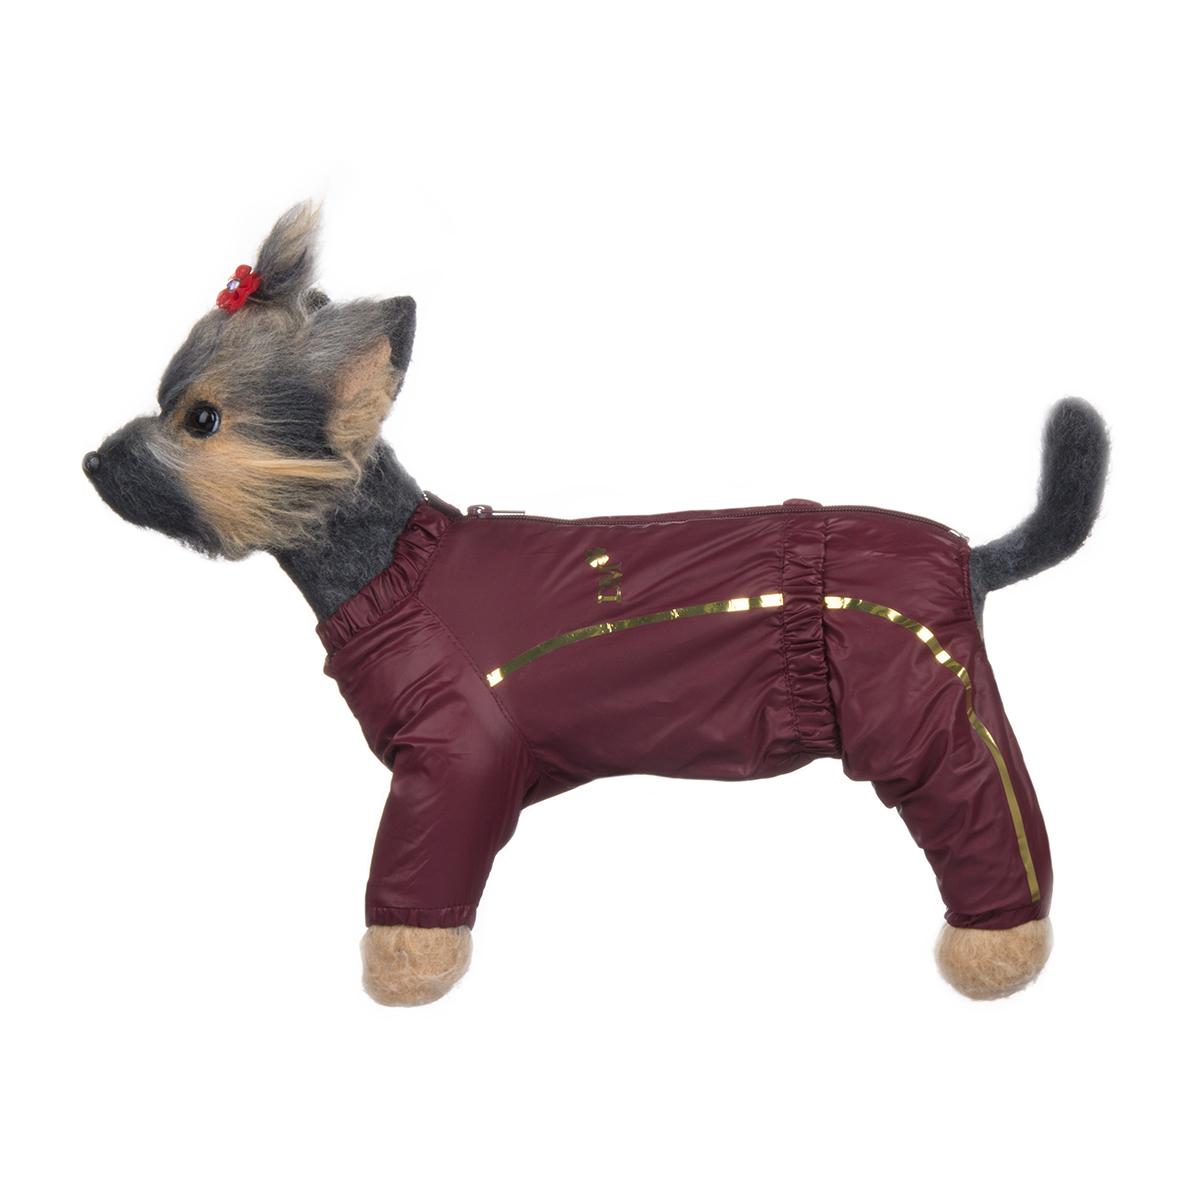 Комбинезон для собак Dogmoda Альпы, для девочки, цвет: бордовый. Размер 2 (M)DM-150325-2Комбинезон для собак Dogmoda Альпы отлично подойдет для прогулок поздней осенью или ранней весной.Комбинезон изготовлен из полиэстера, защищающего от ветра и осадков, с подкладкой из флиса, которая сохранит тепло и обеспечит отличный воздухообмен. Комбинезон застегивается на молнию и липучку, благодаря чему его легко надевать и снимать. Ворот, низ рукавов и брючин оснащены внутренними резинками, которые мягко обхватывают шею и лапки, не позволяя просачиваться холодному воздуху. На пояснице имеется внутренняя резинка. Изделие декорировано золотистыми полосками и надписью DM.Благодаря такому комбинезону простуда не грозит вашему питомцу и он не даст любимцу продрогнуть на прогулке.